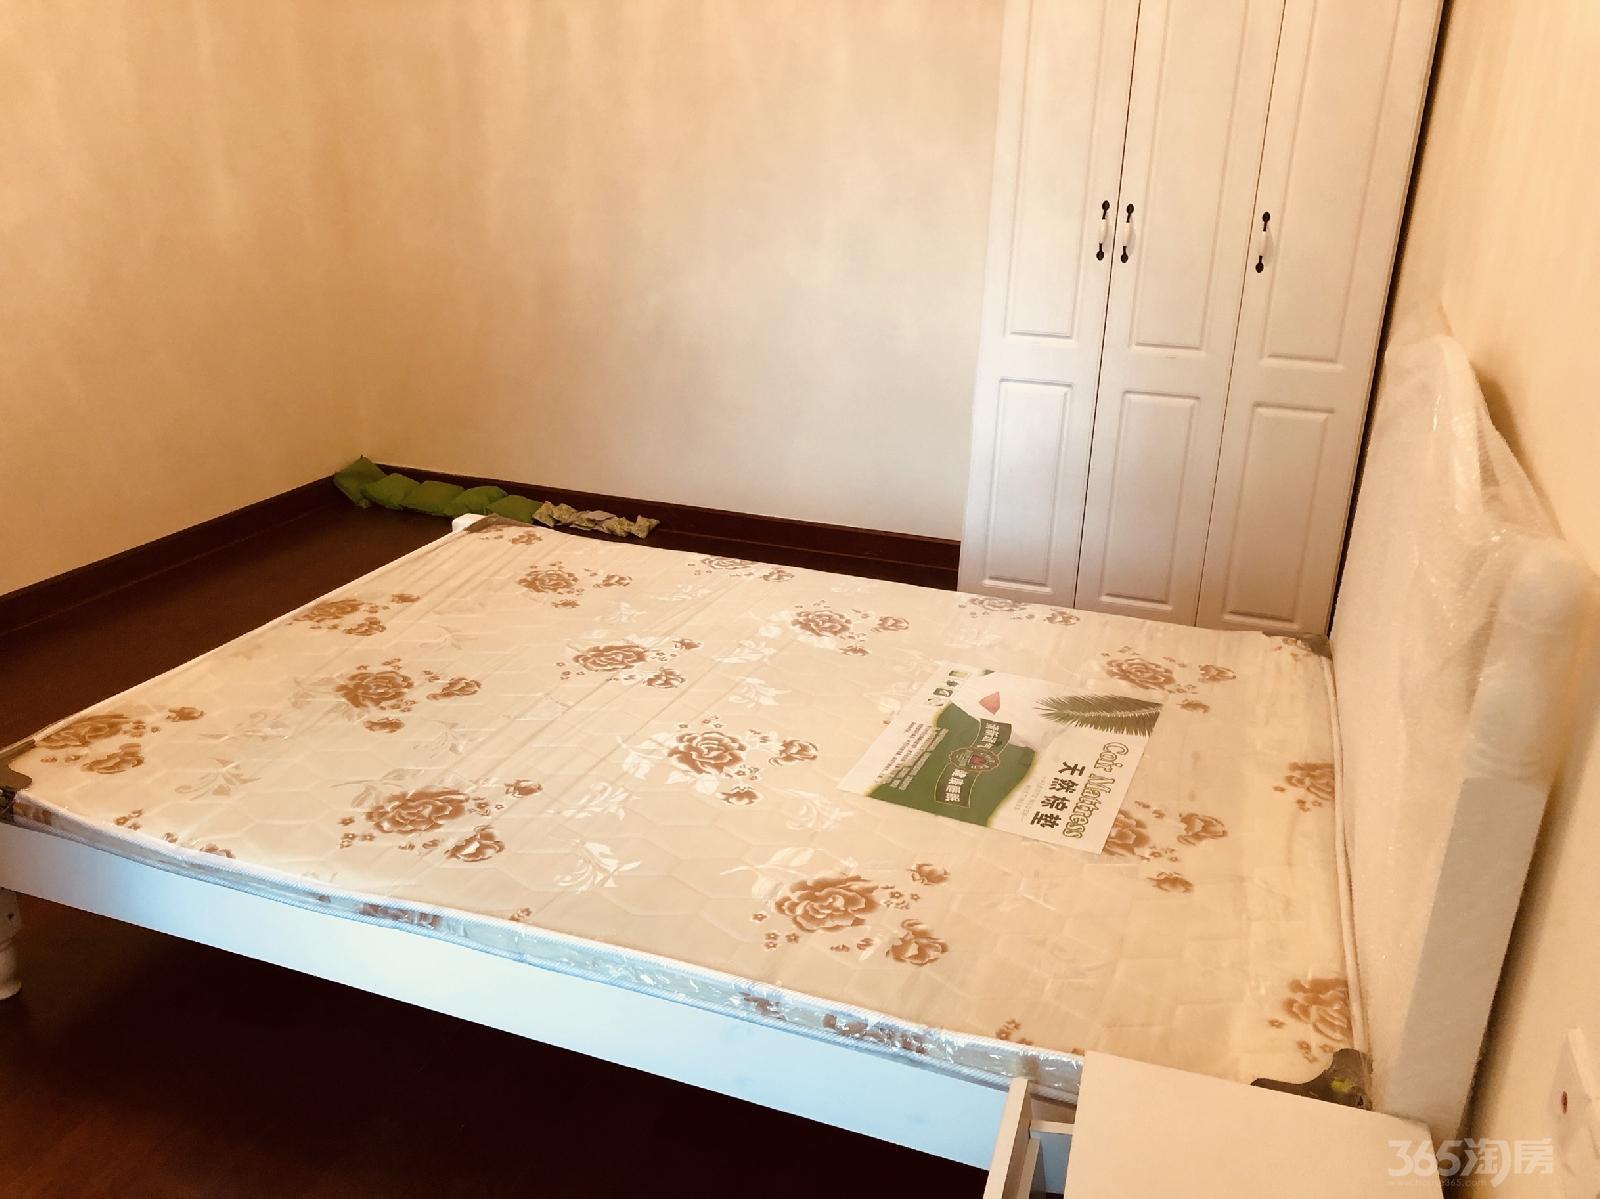 恒大雅苑2室2厅1卫106平米整租精装